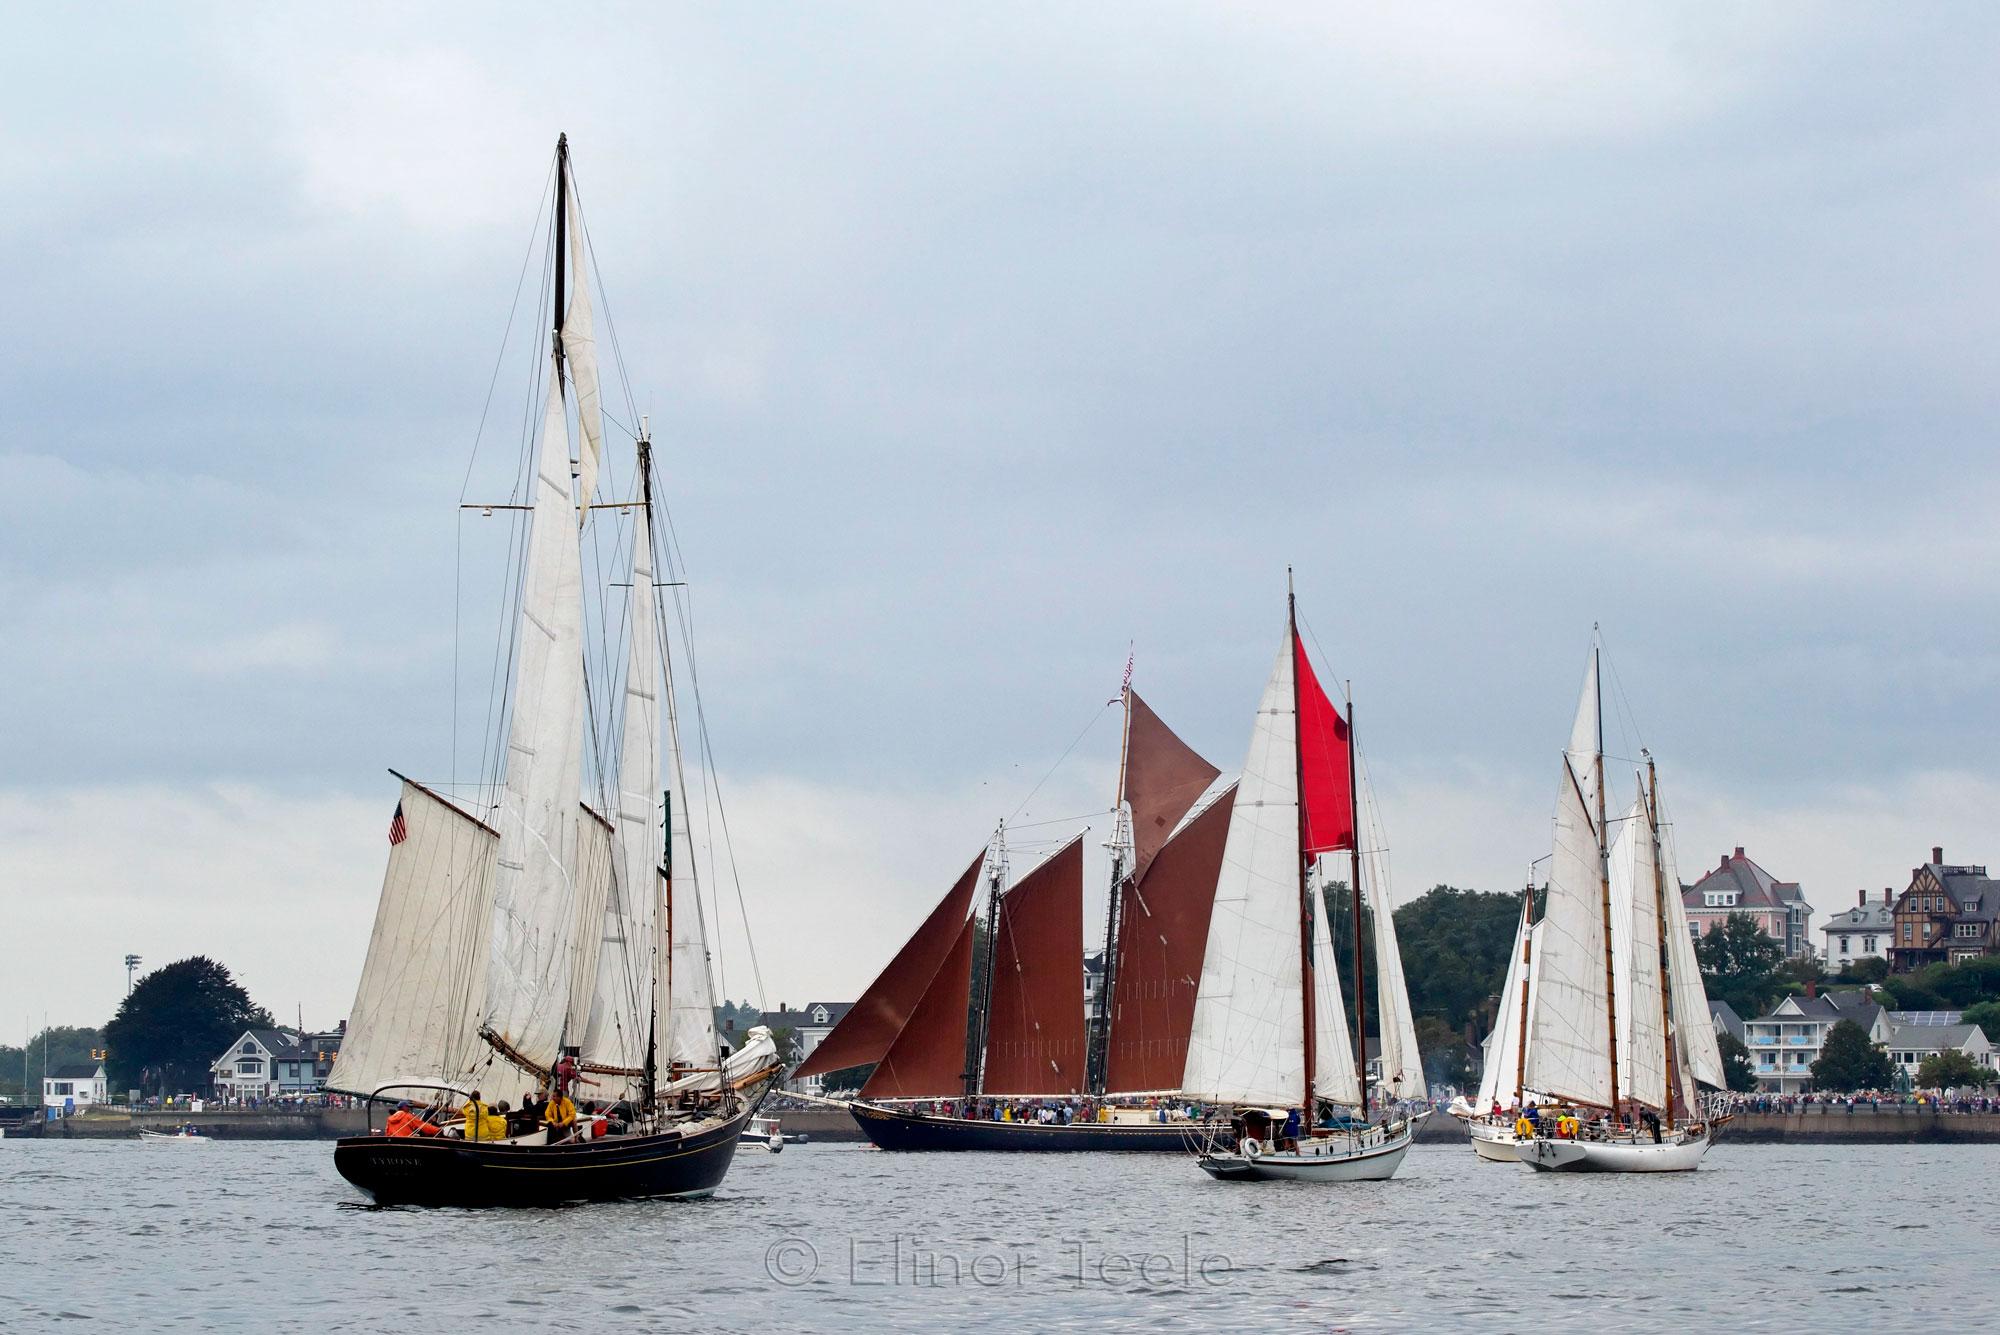 Schooner Festival 2013 Parade of Sail